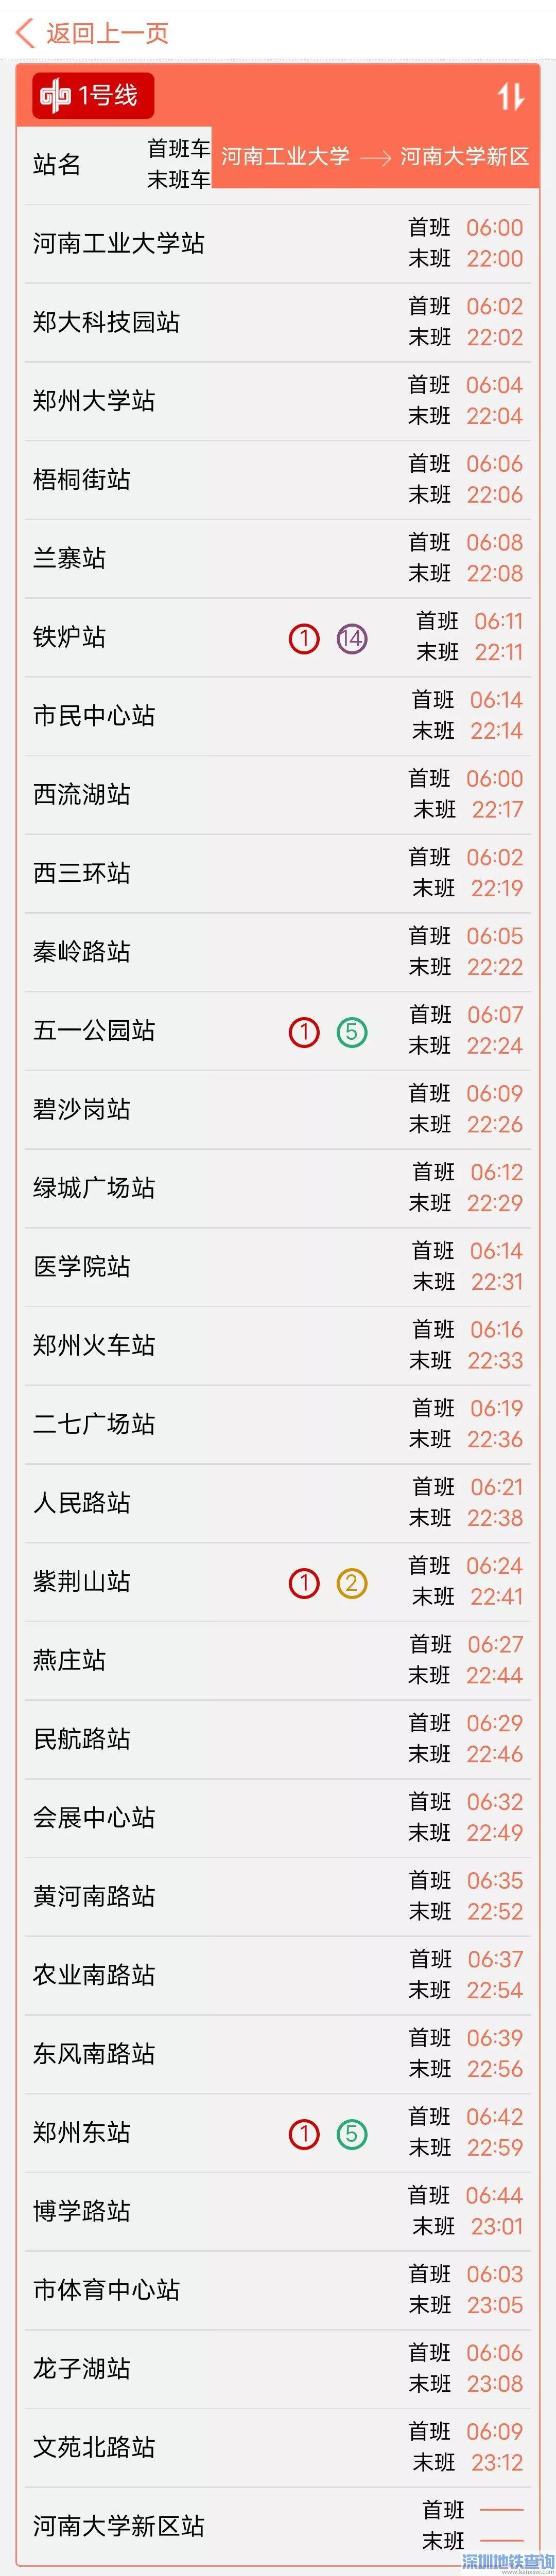 郑州地铁1号线2020年10月最新运营时刻表